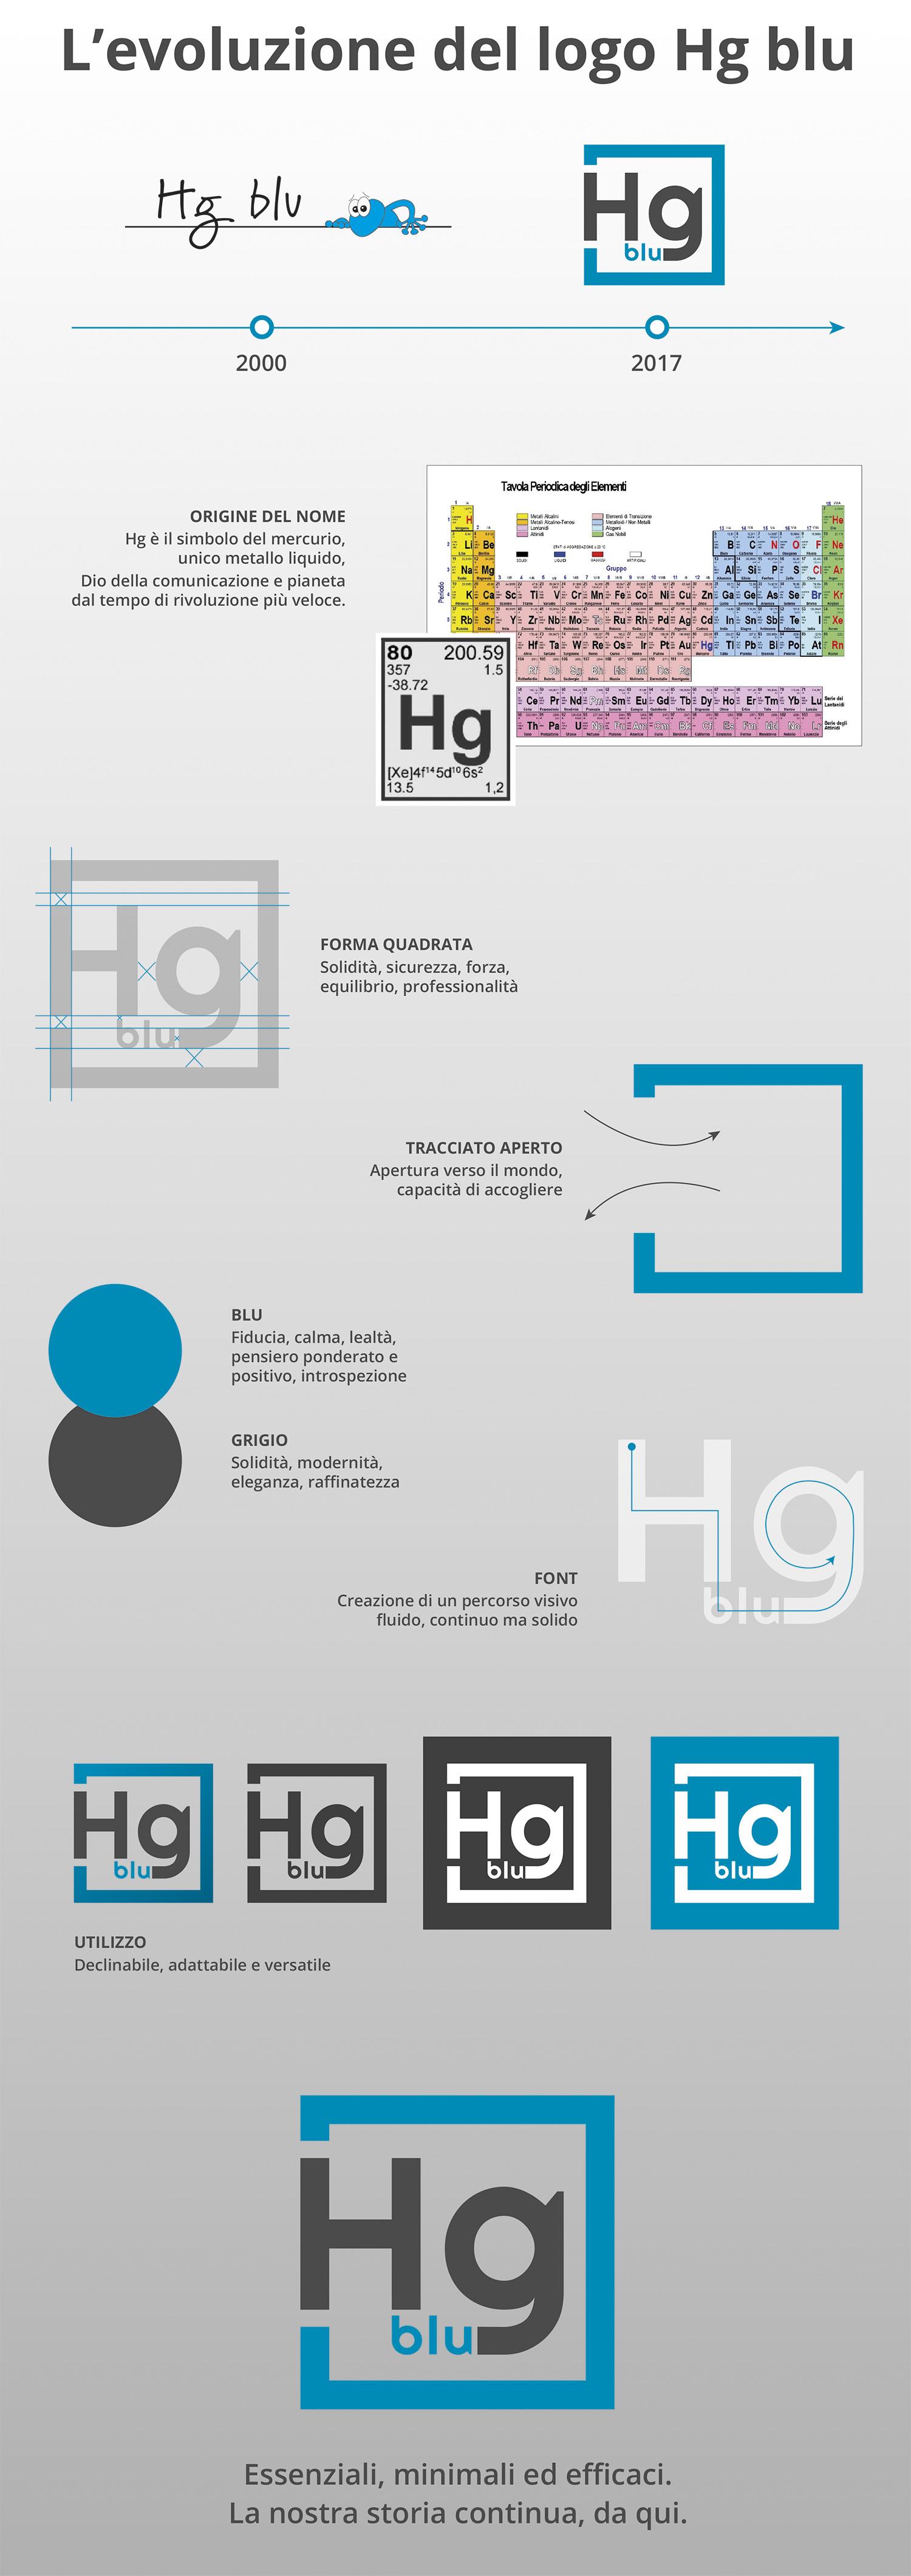 logo hg blu